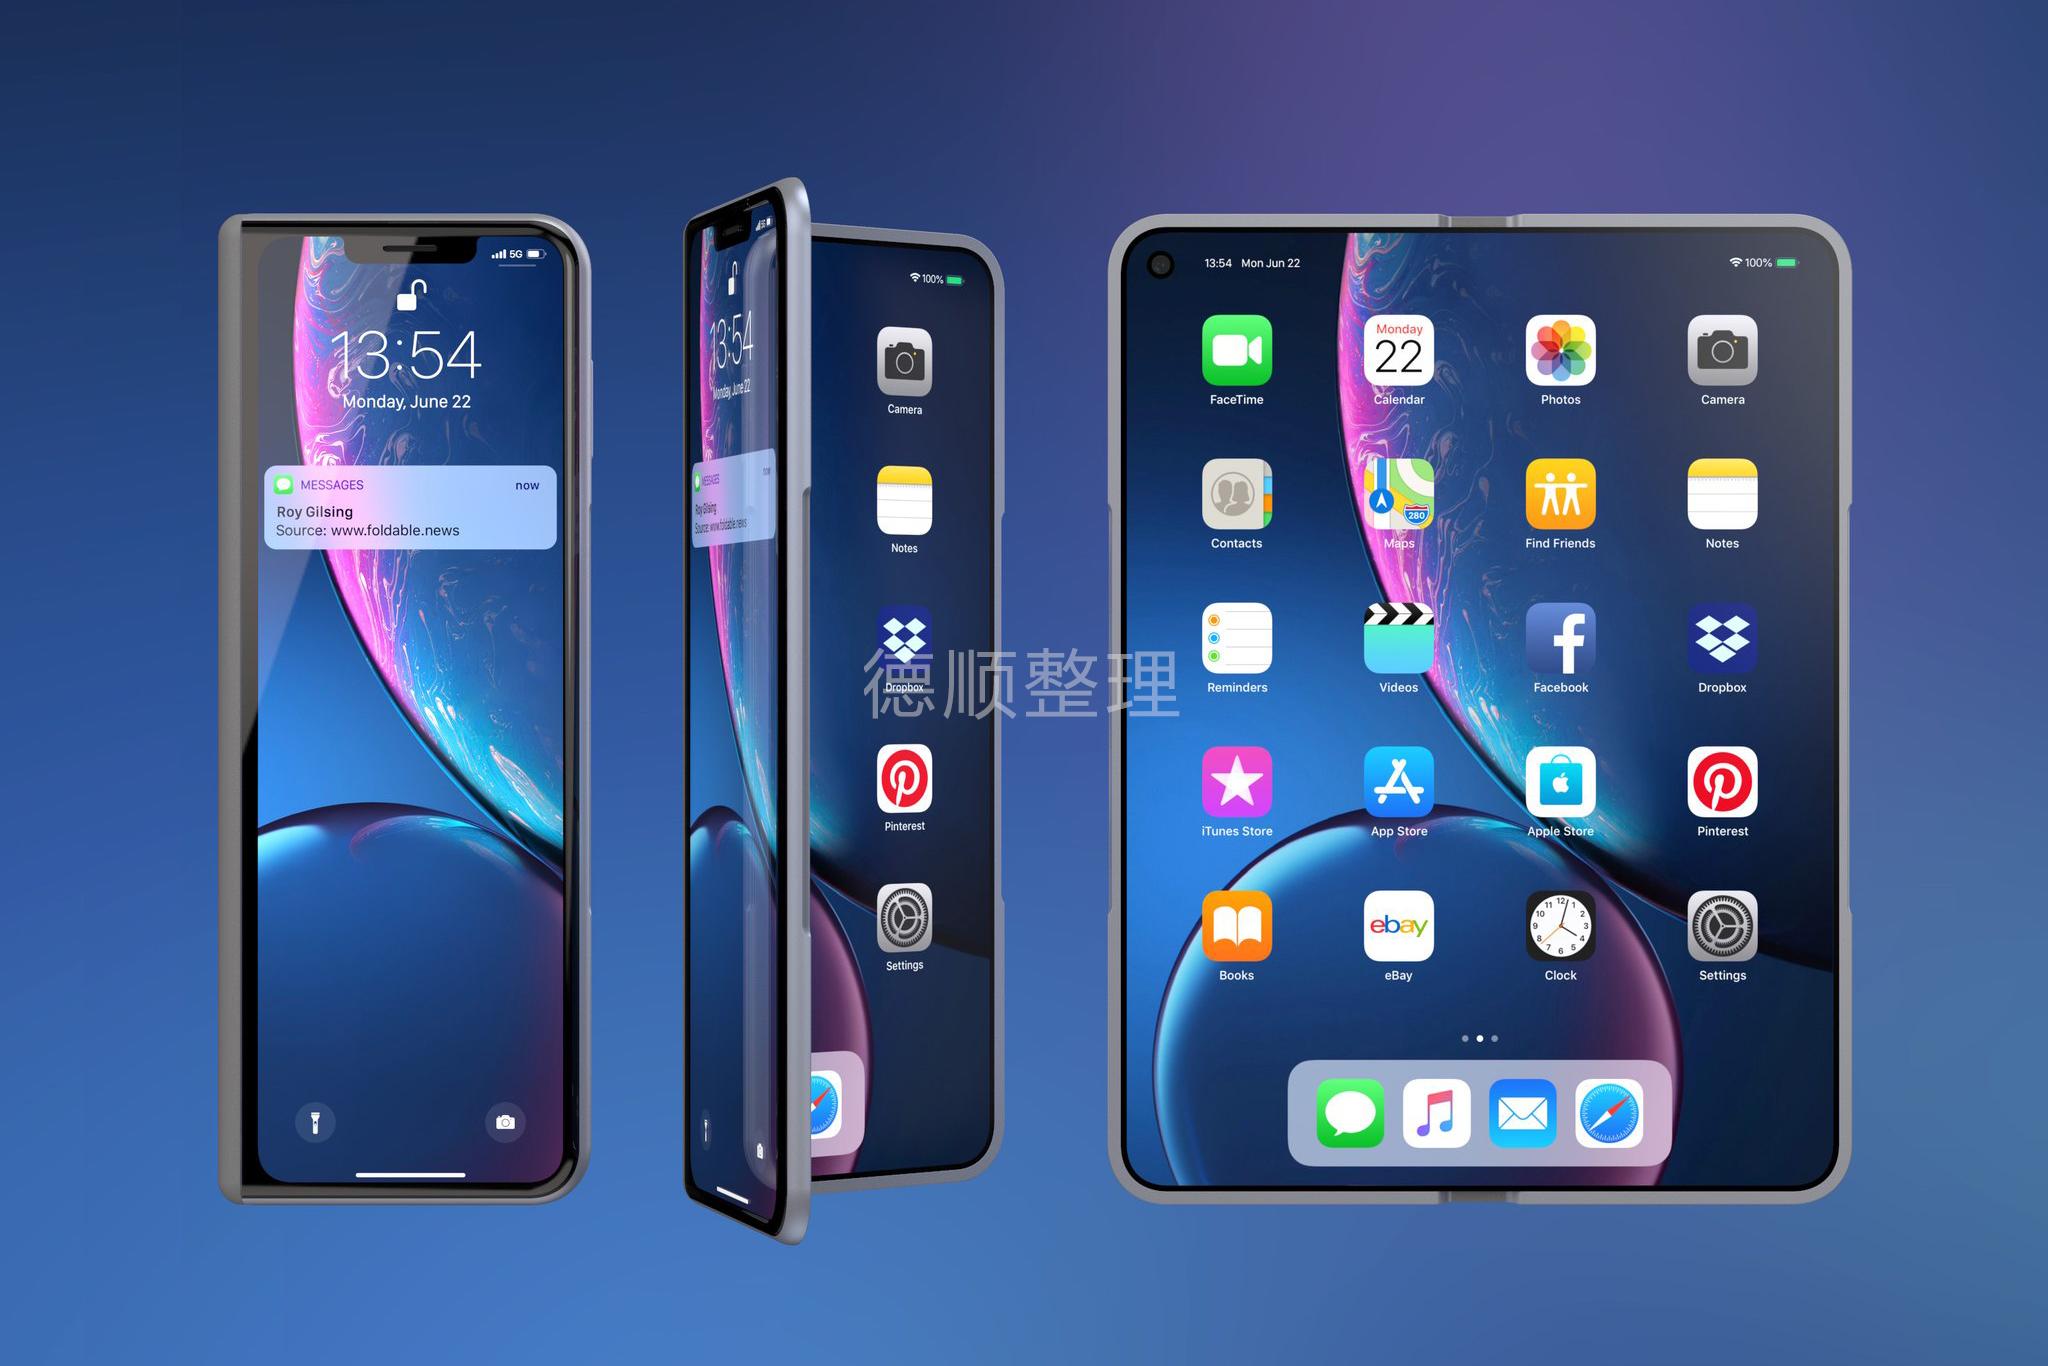 苹果开始测试三星折叠屏幕,有望在2020年推出折叠iPhone手机 互联网 第4张